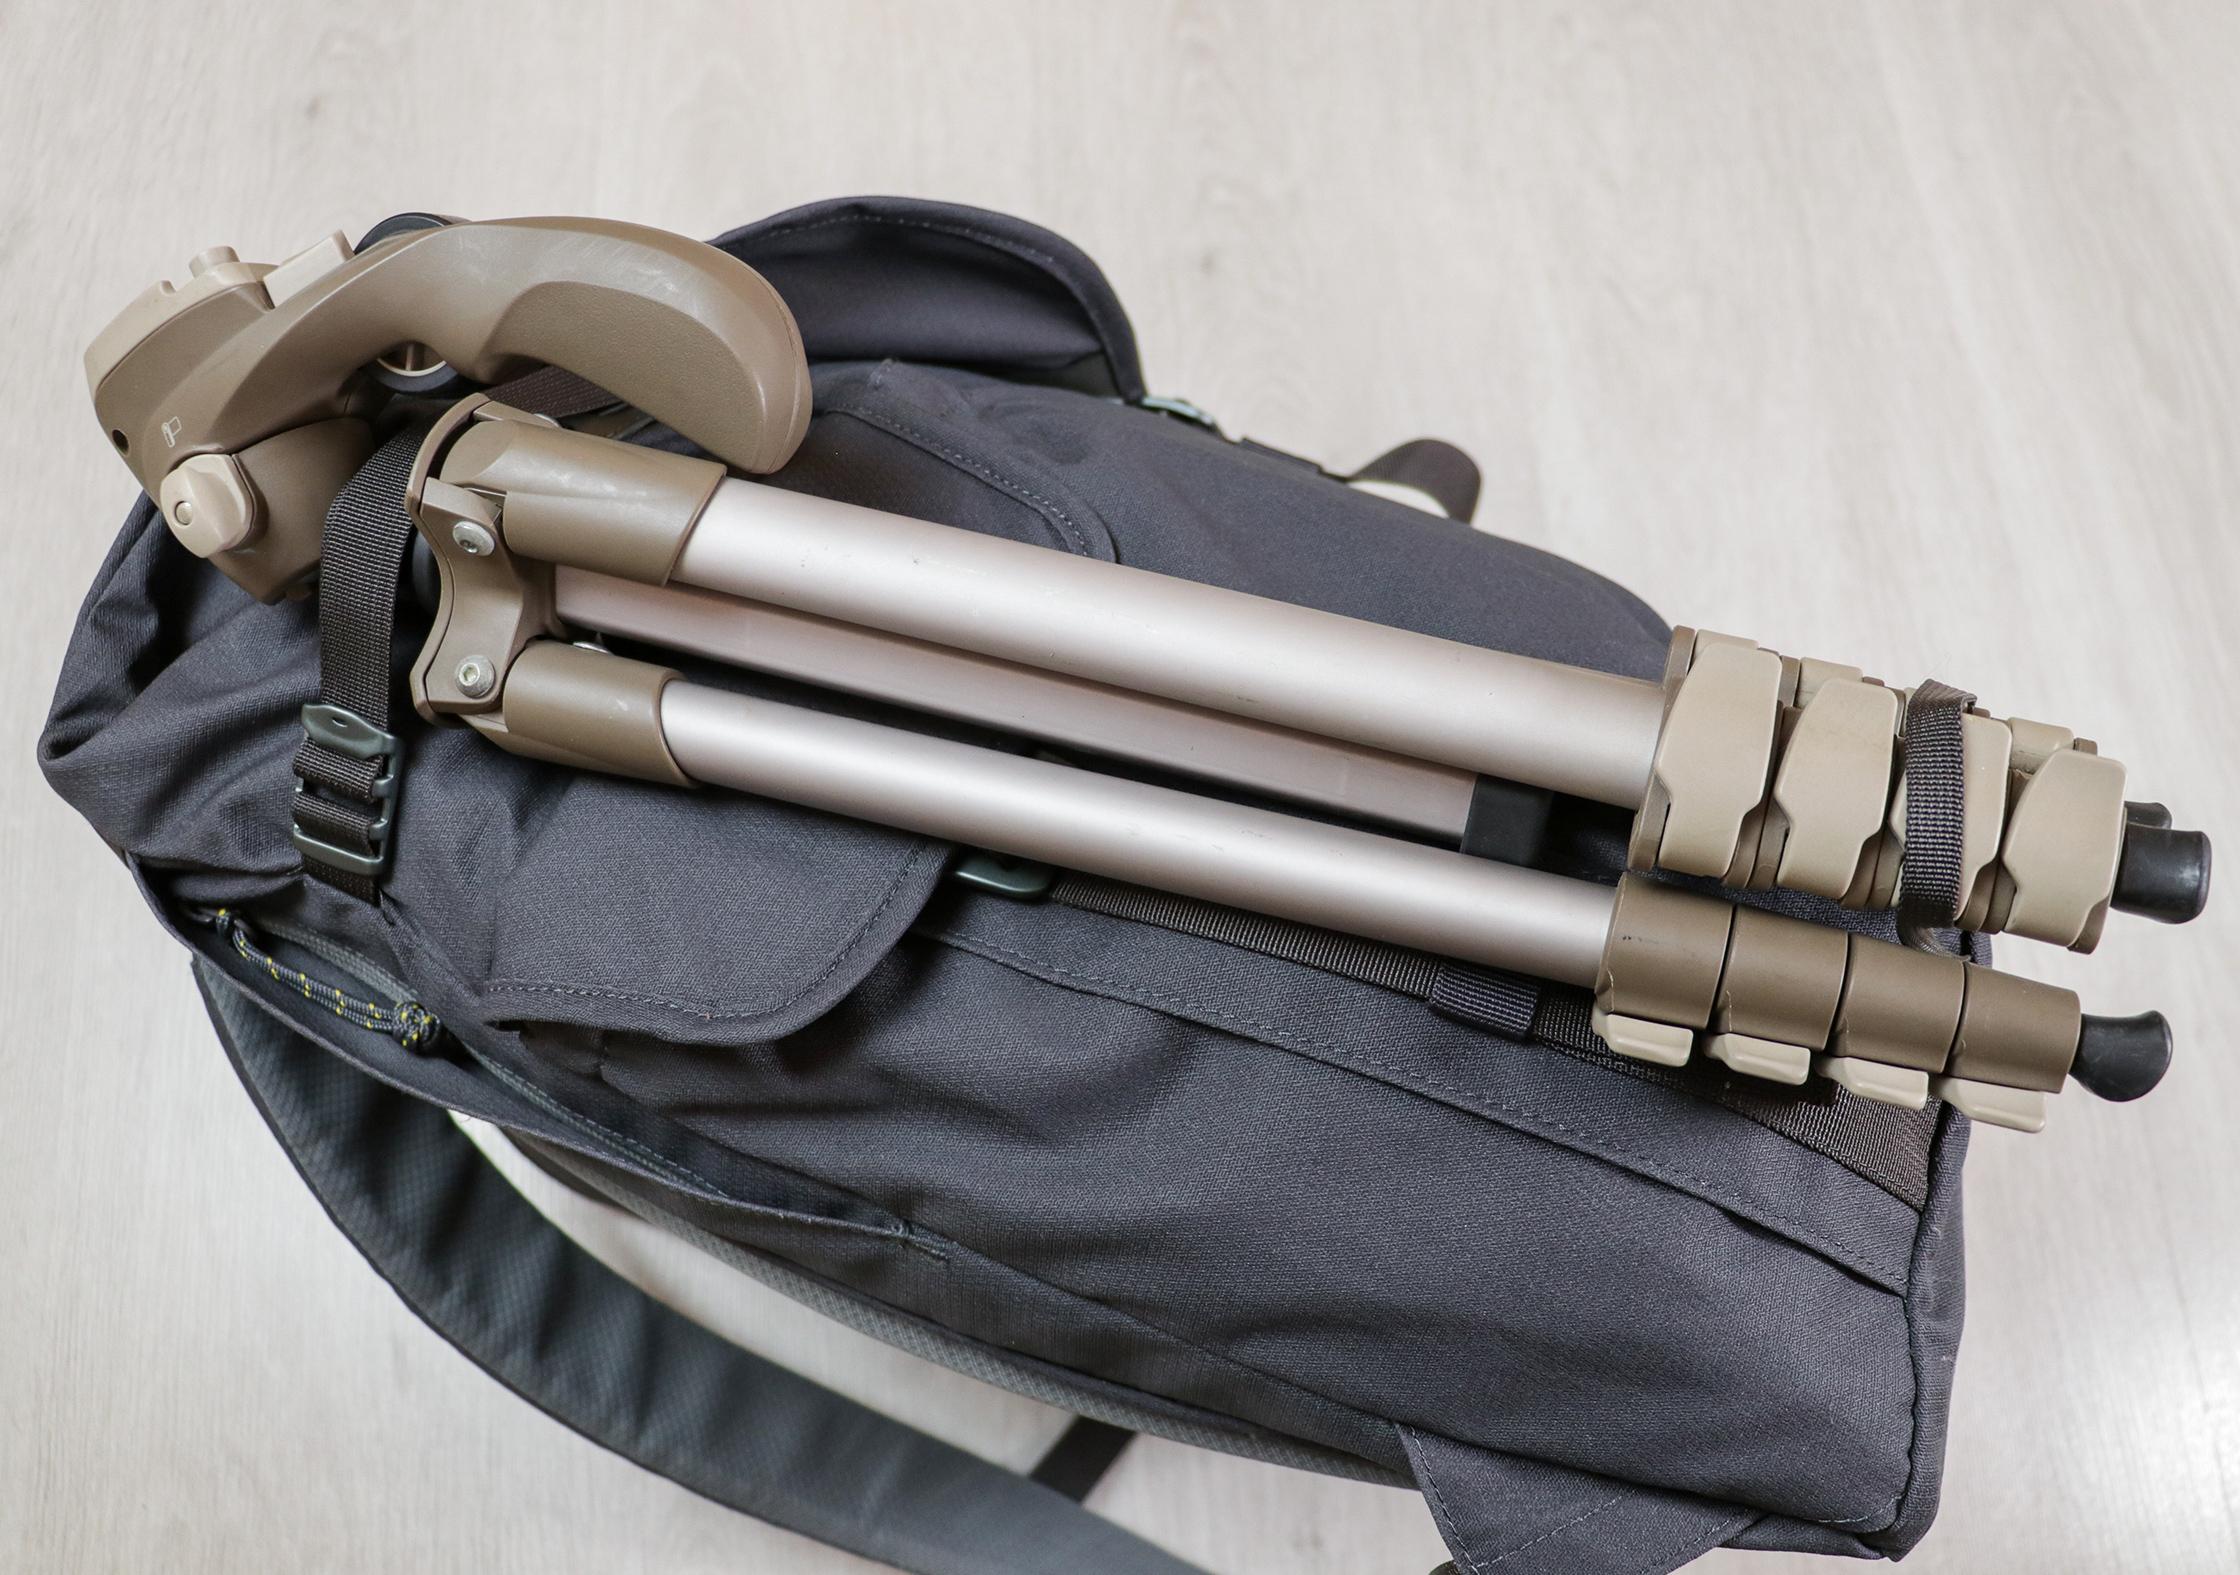 Millican Fraser Rucksack 32L Compression Strap Attachment